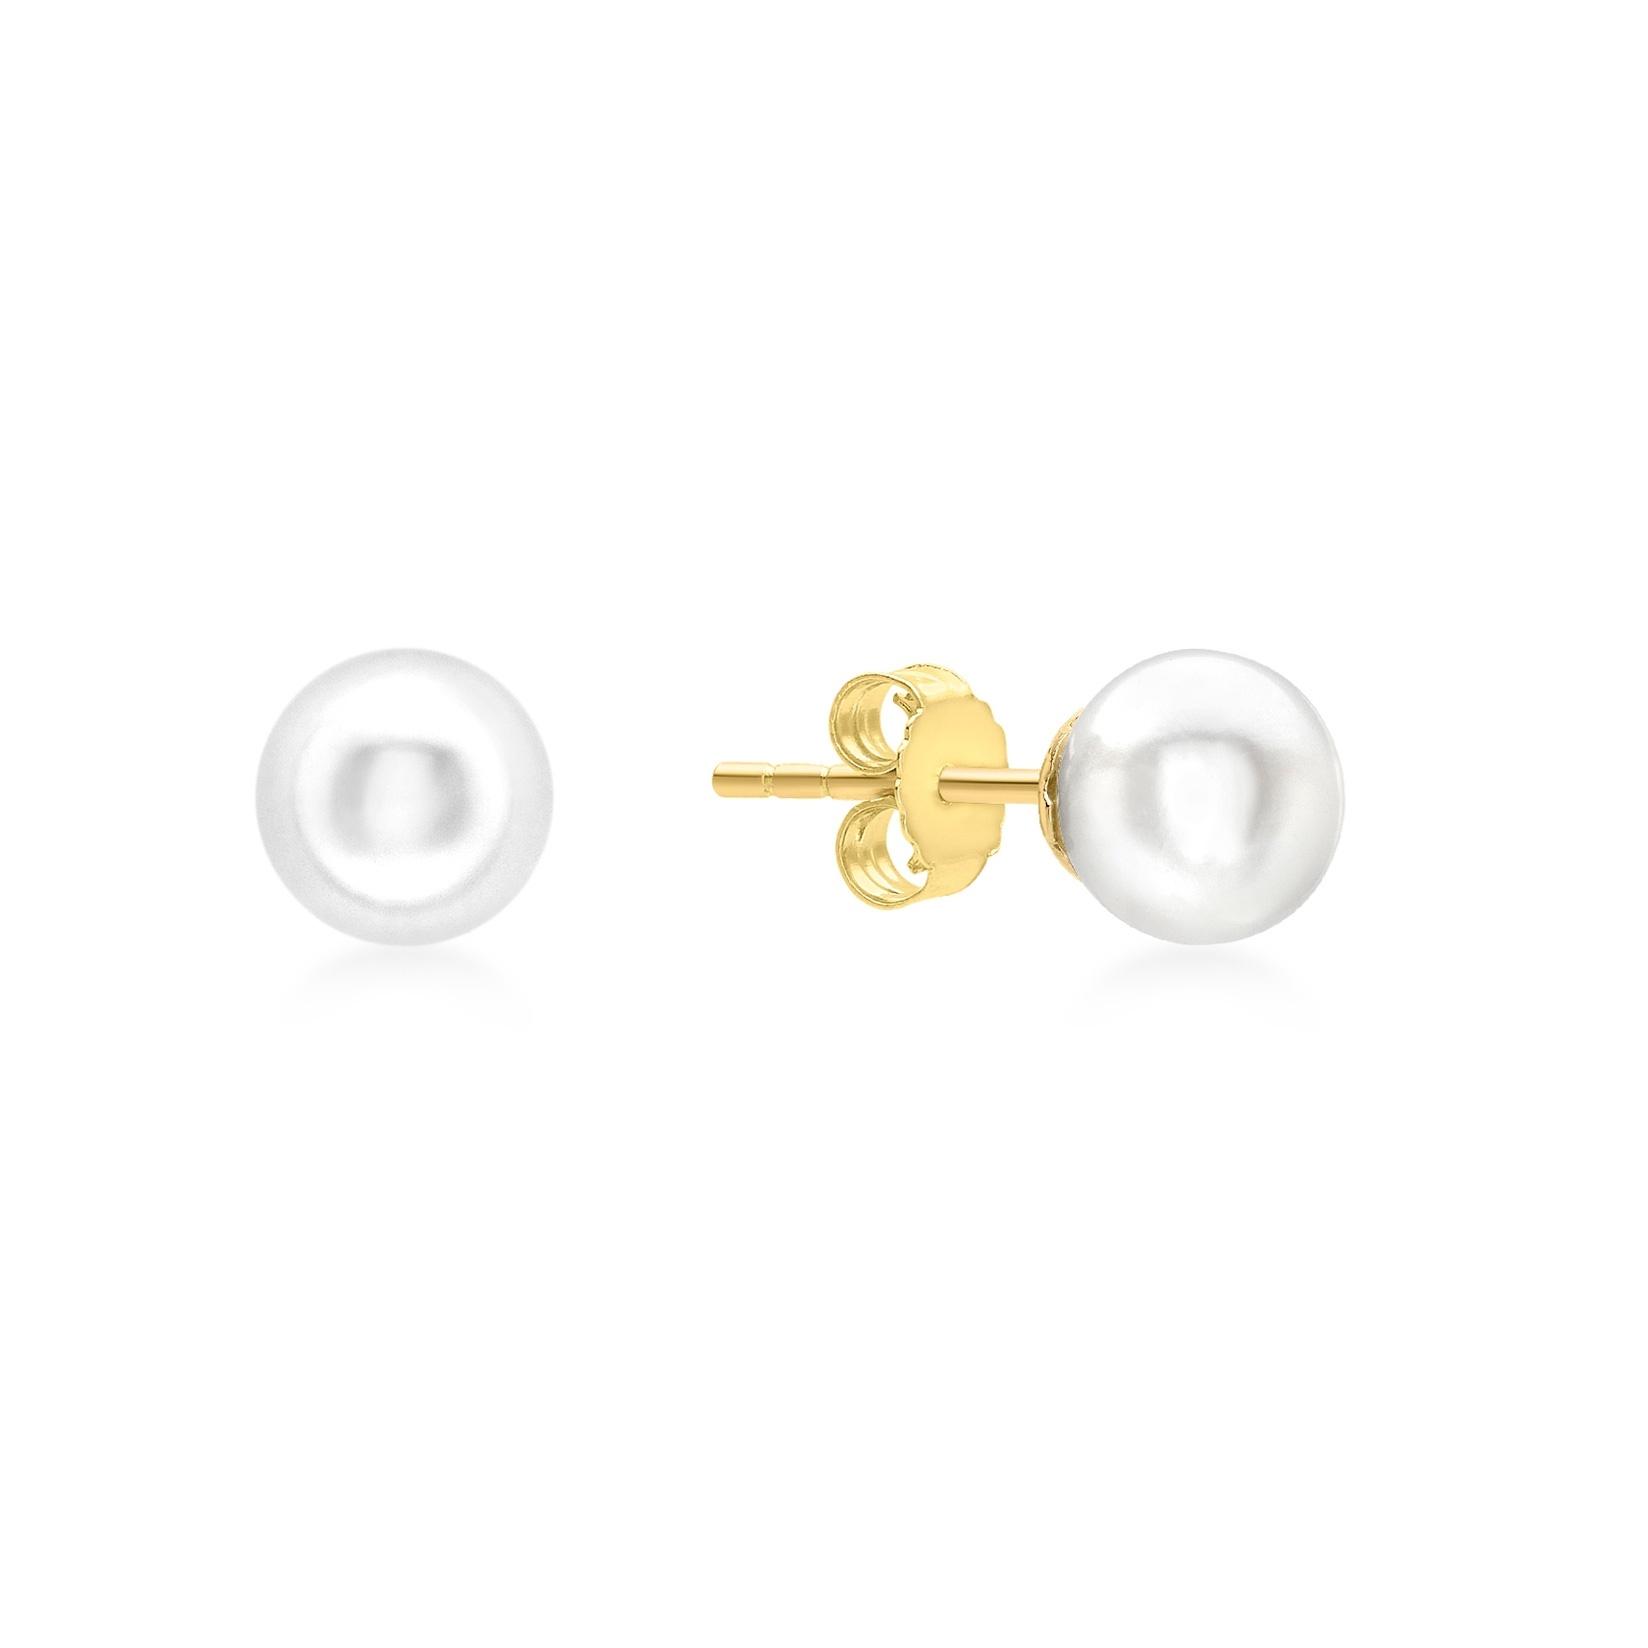 Örhängen 9K Guld - Pärlörhängen 6 mm